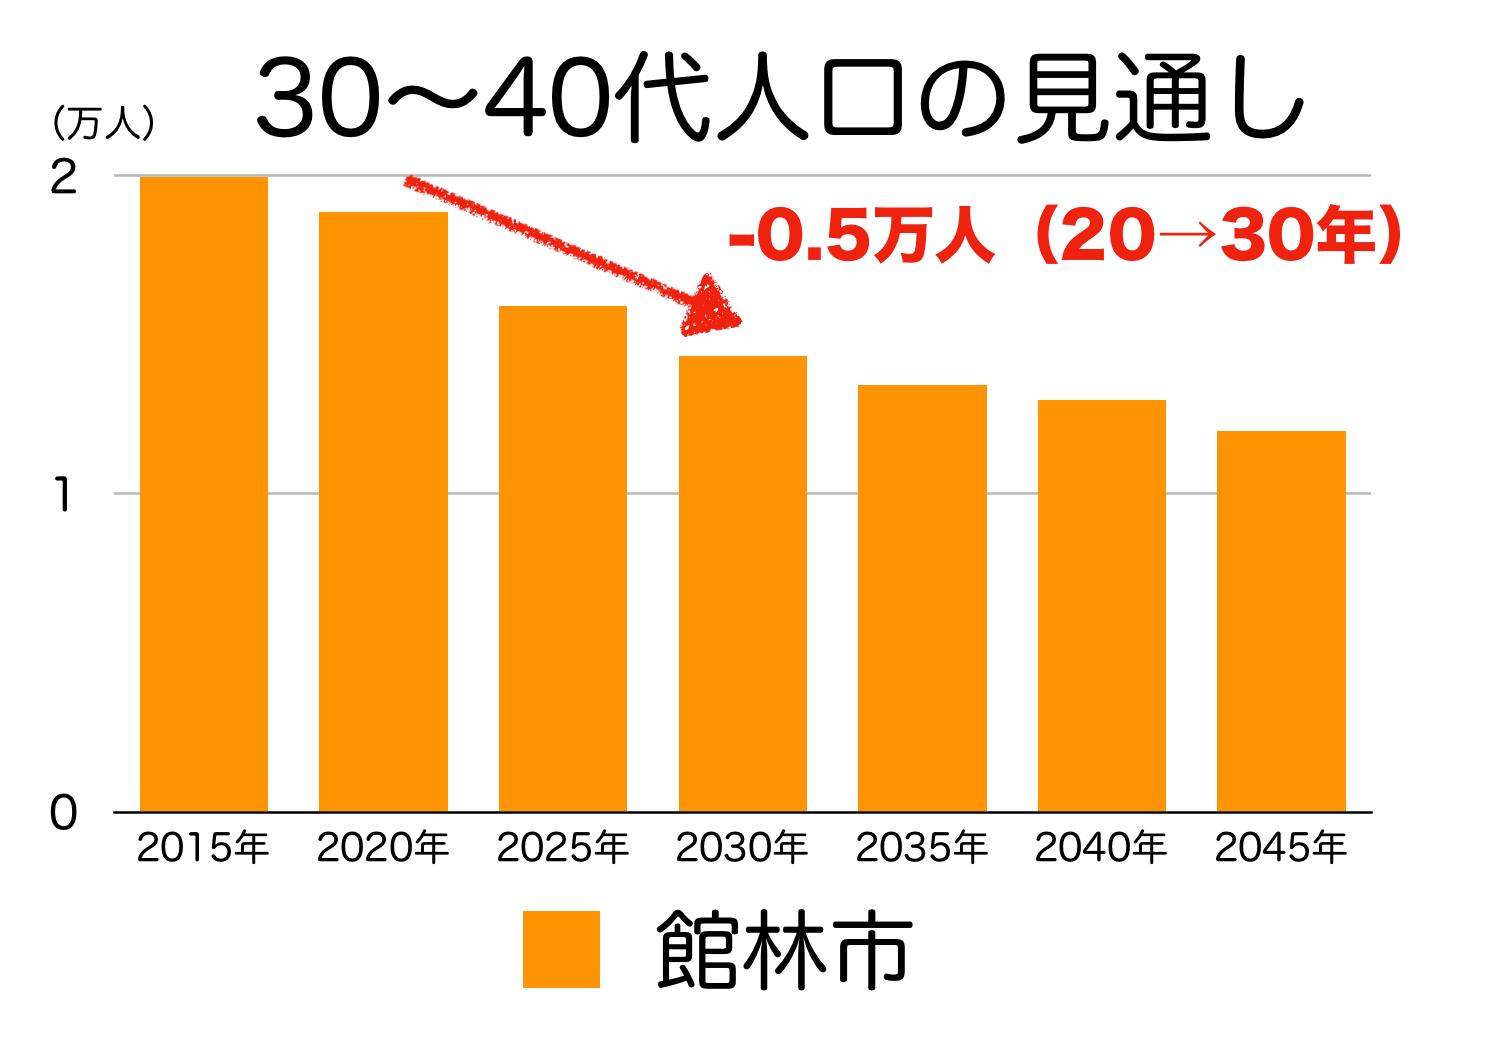 館林市の30〜40代人口の予測